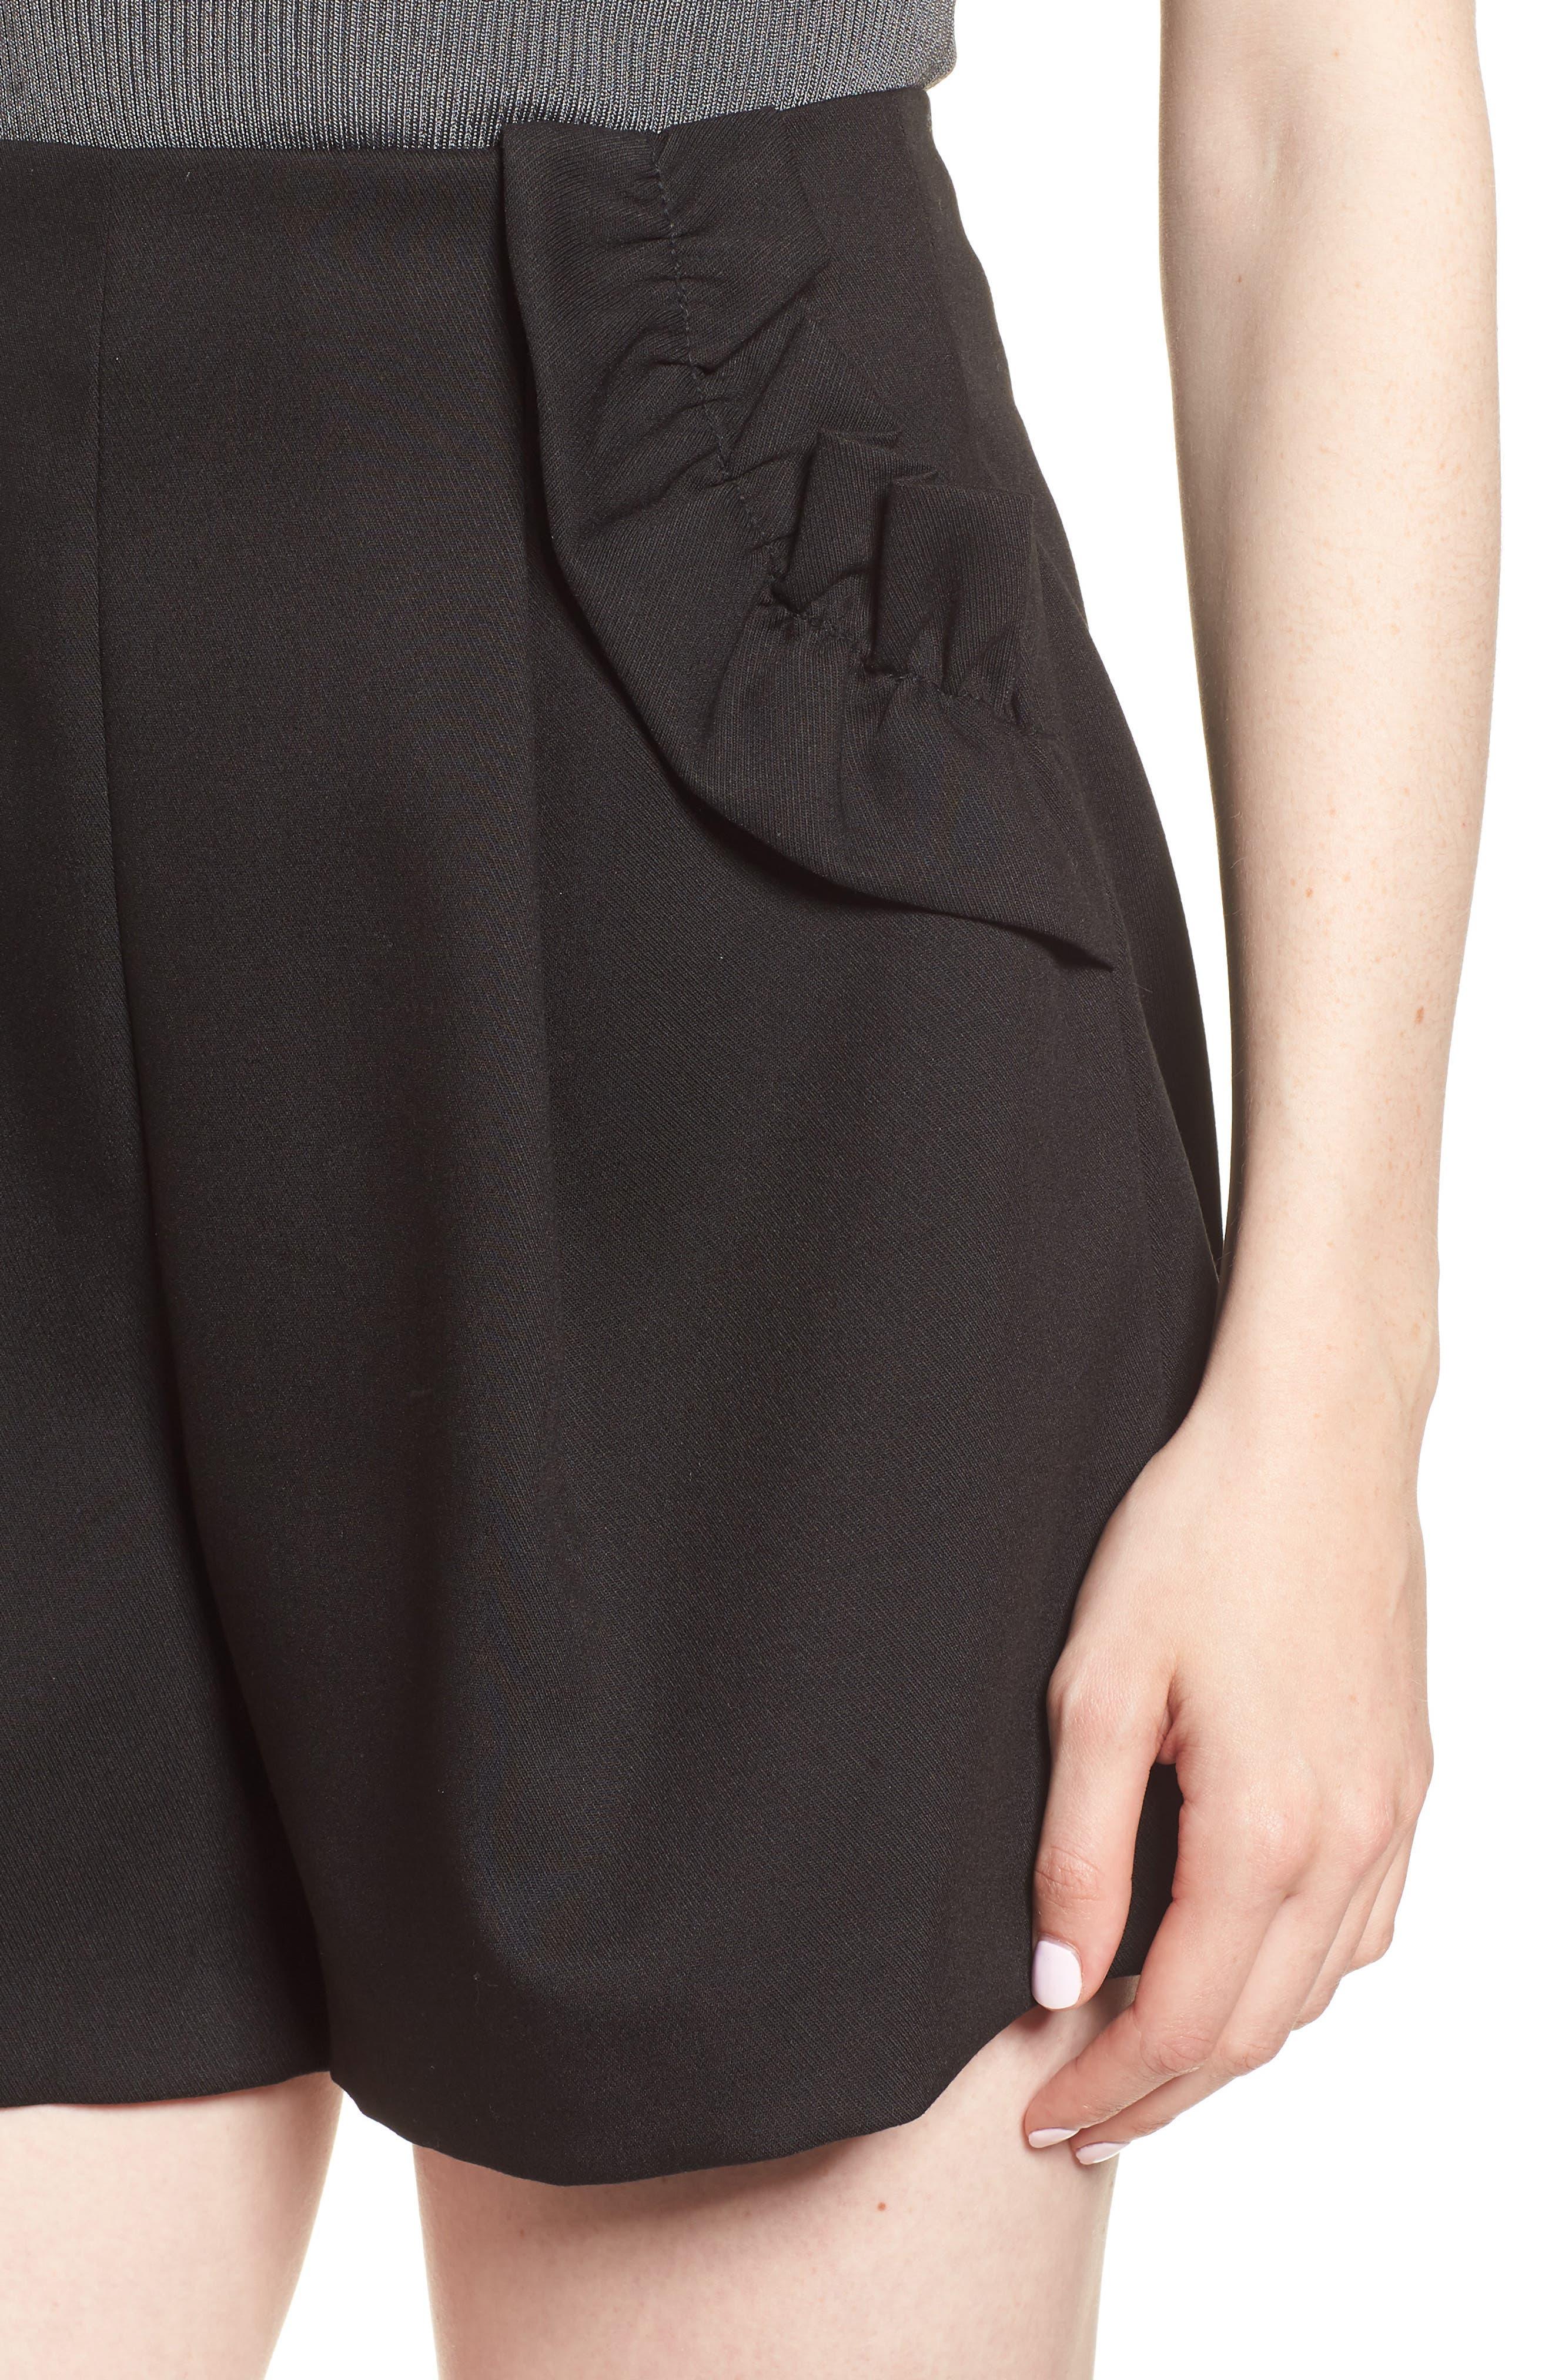 Harmony Shorts,                             Alternate thumbnail 4, color,                             Black